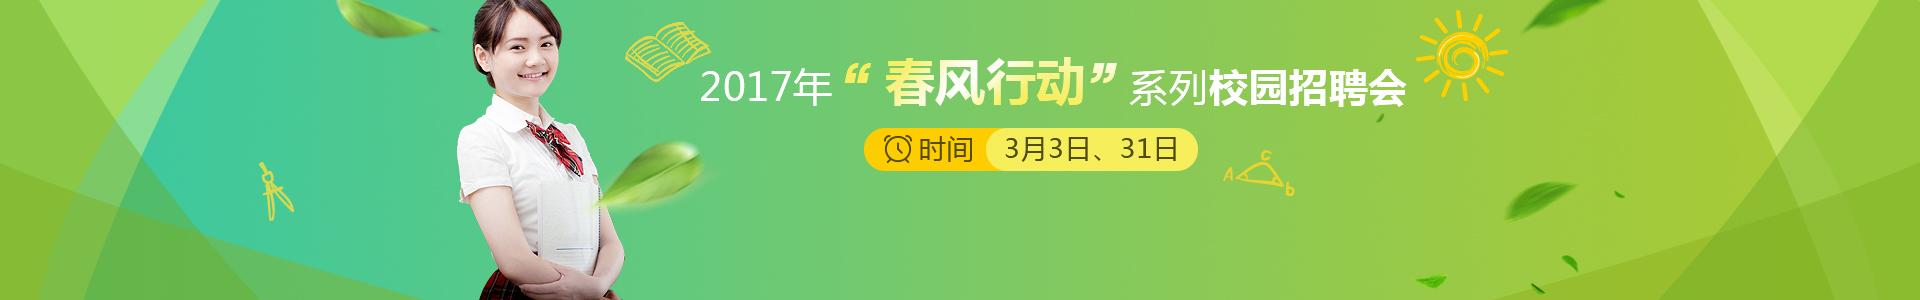 """2017年""""春风行动""""系列校园招聘会"""